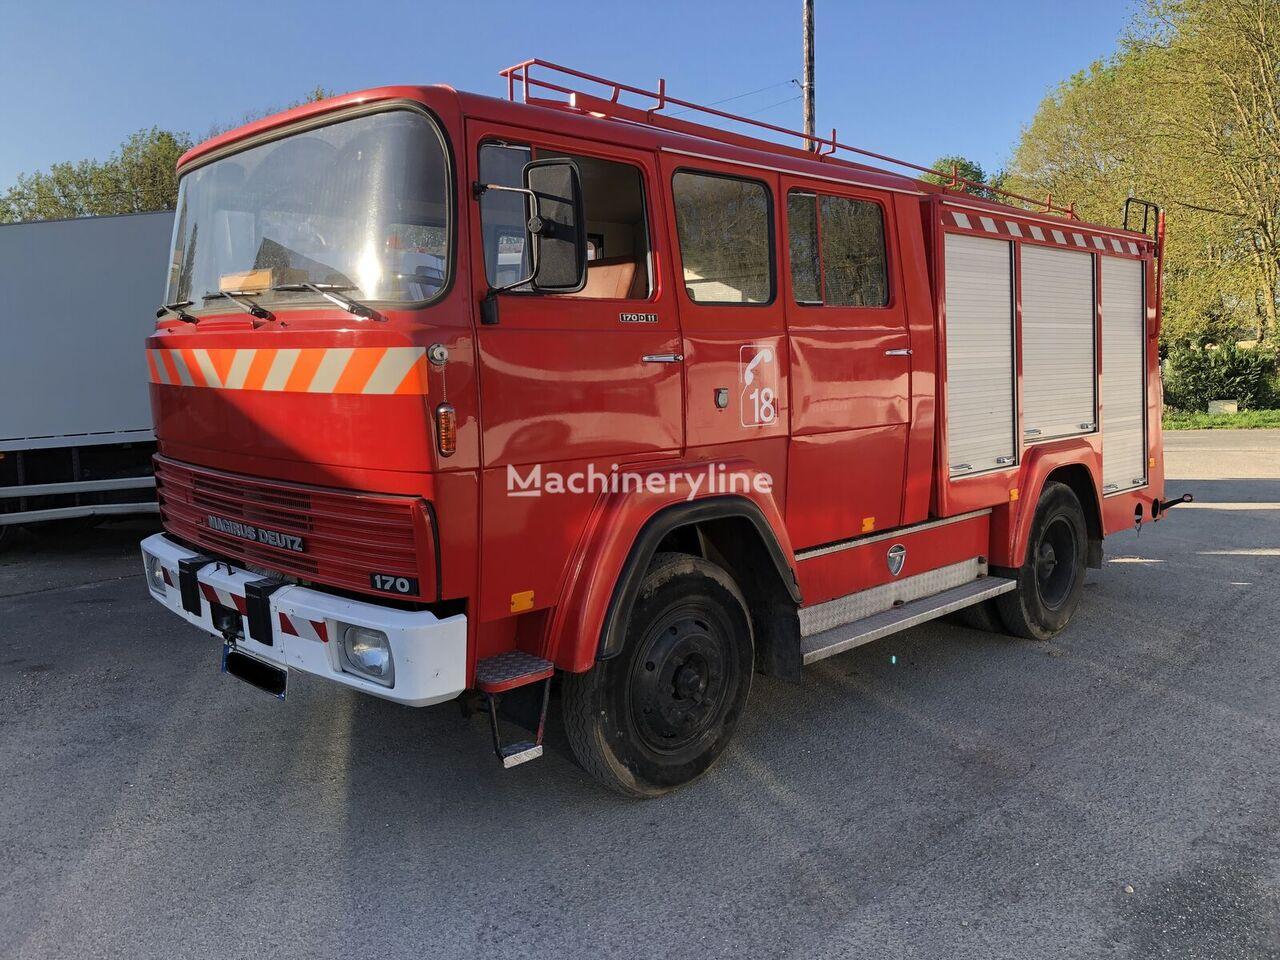 MAGIRUS-DEUTZ 170D19 vatrogasno vozilo